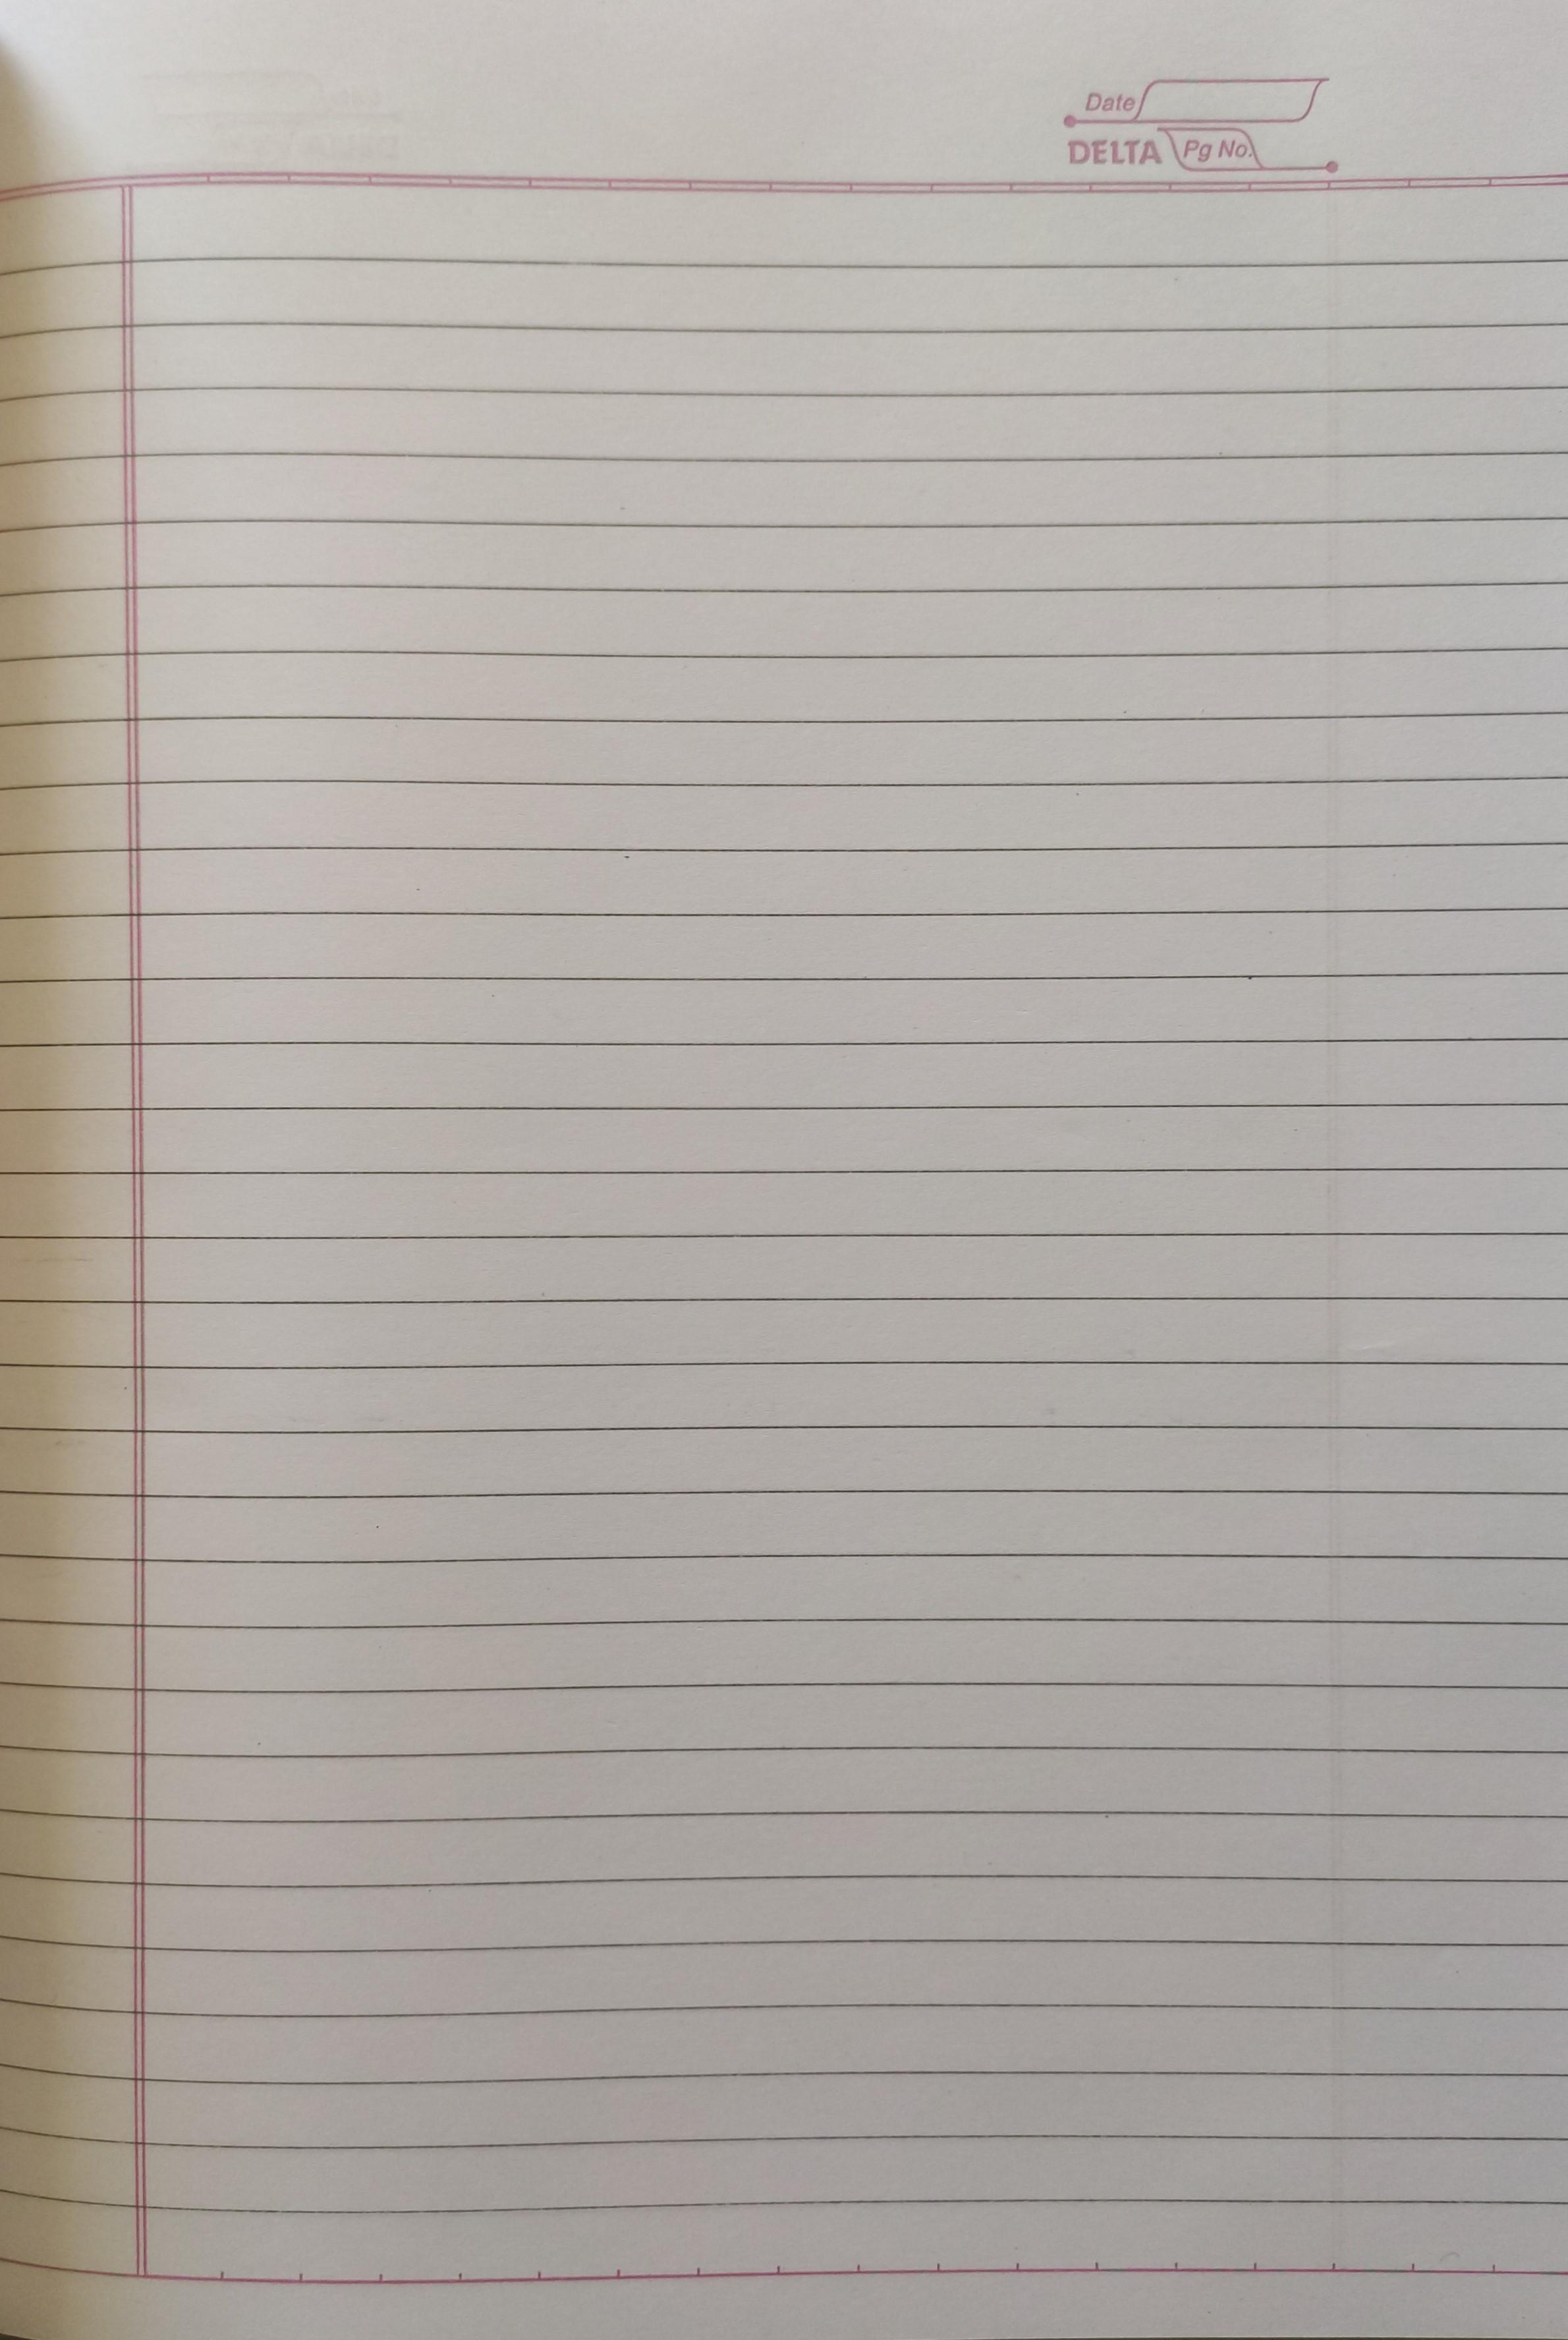 Vowel Register A4 Size, 272 Pages - 5 Variants (1 Register)